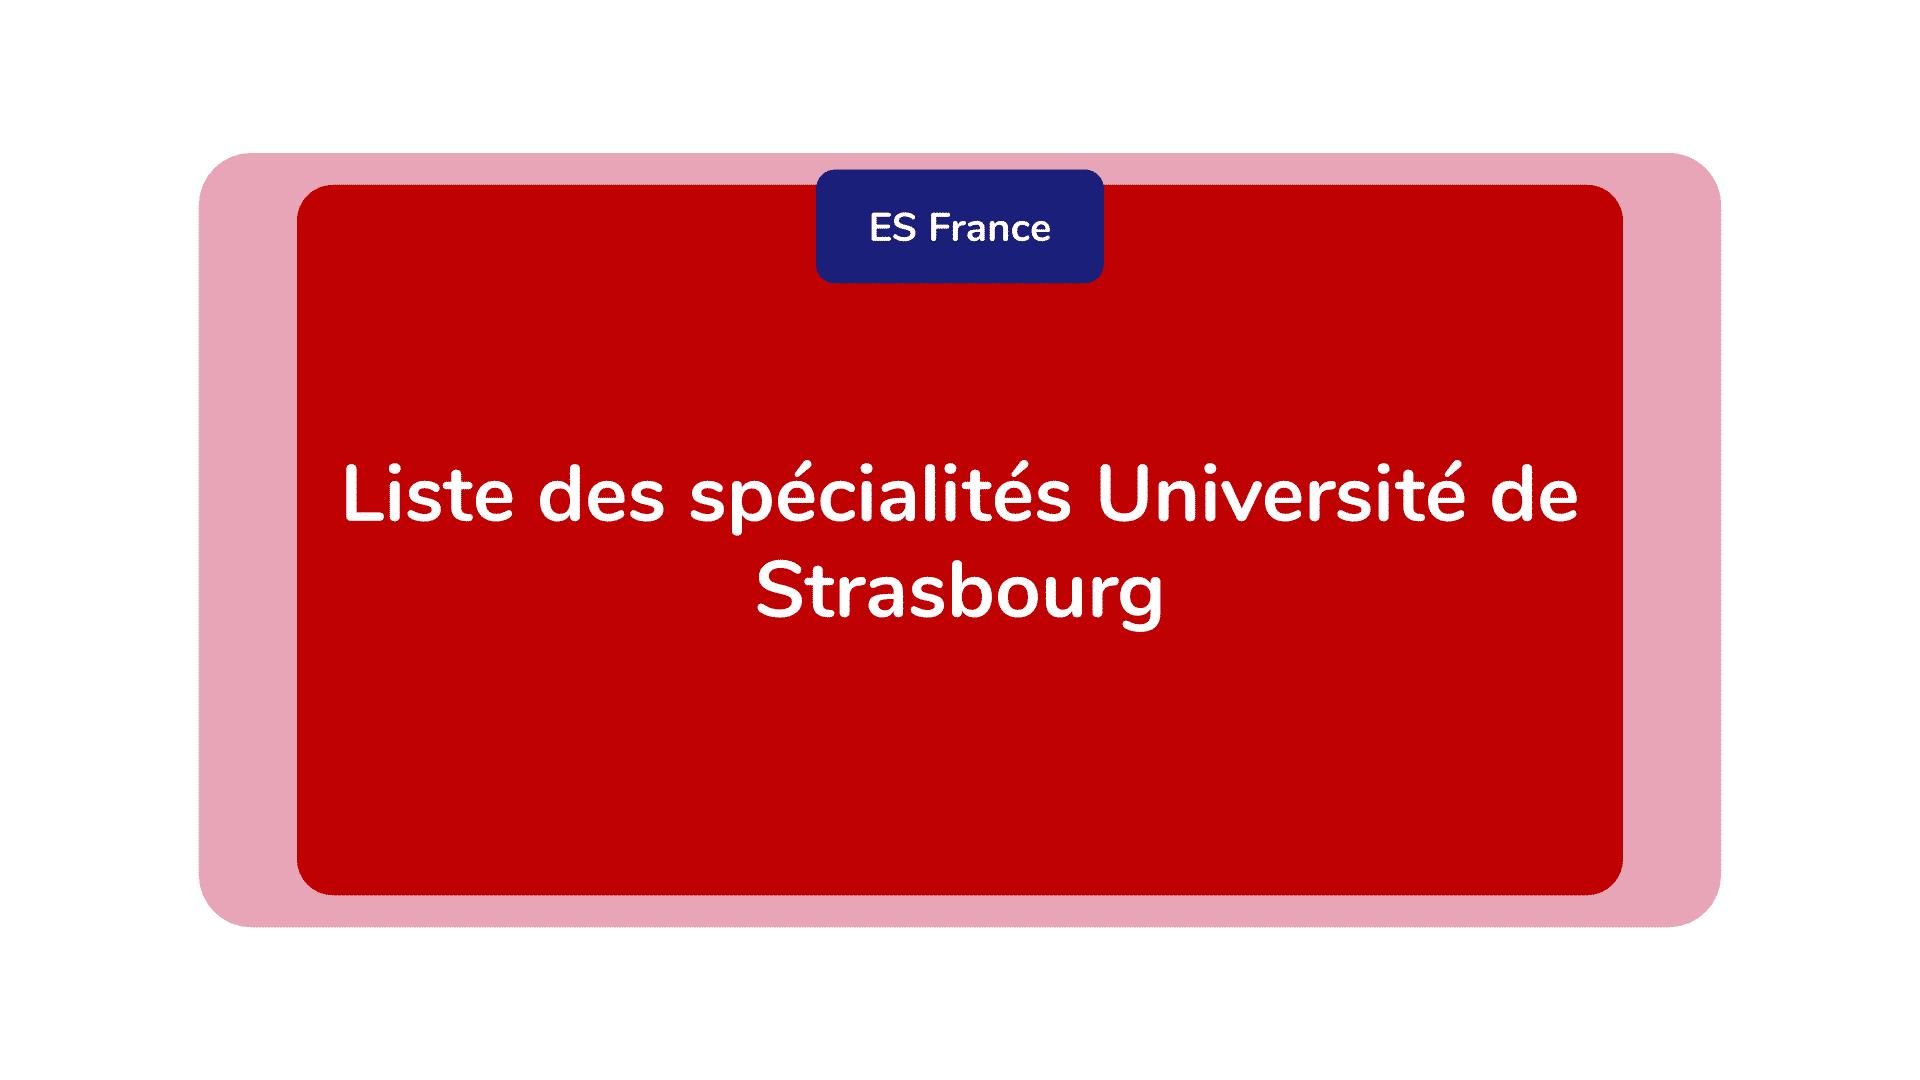 Liste des spécialités Université de Strasbourg